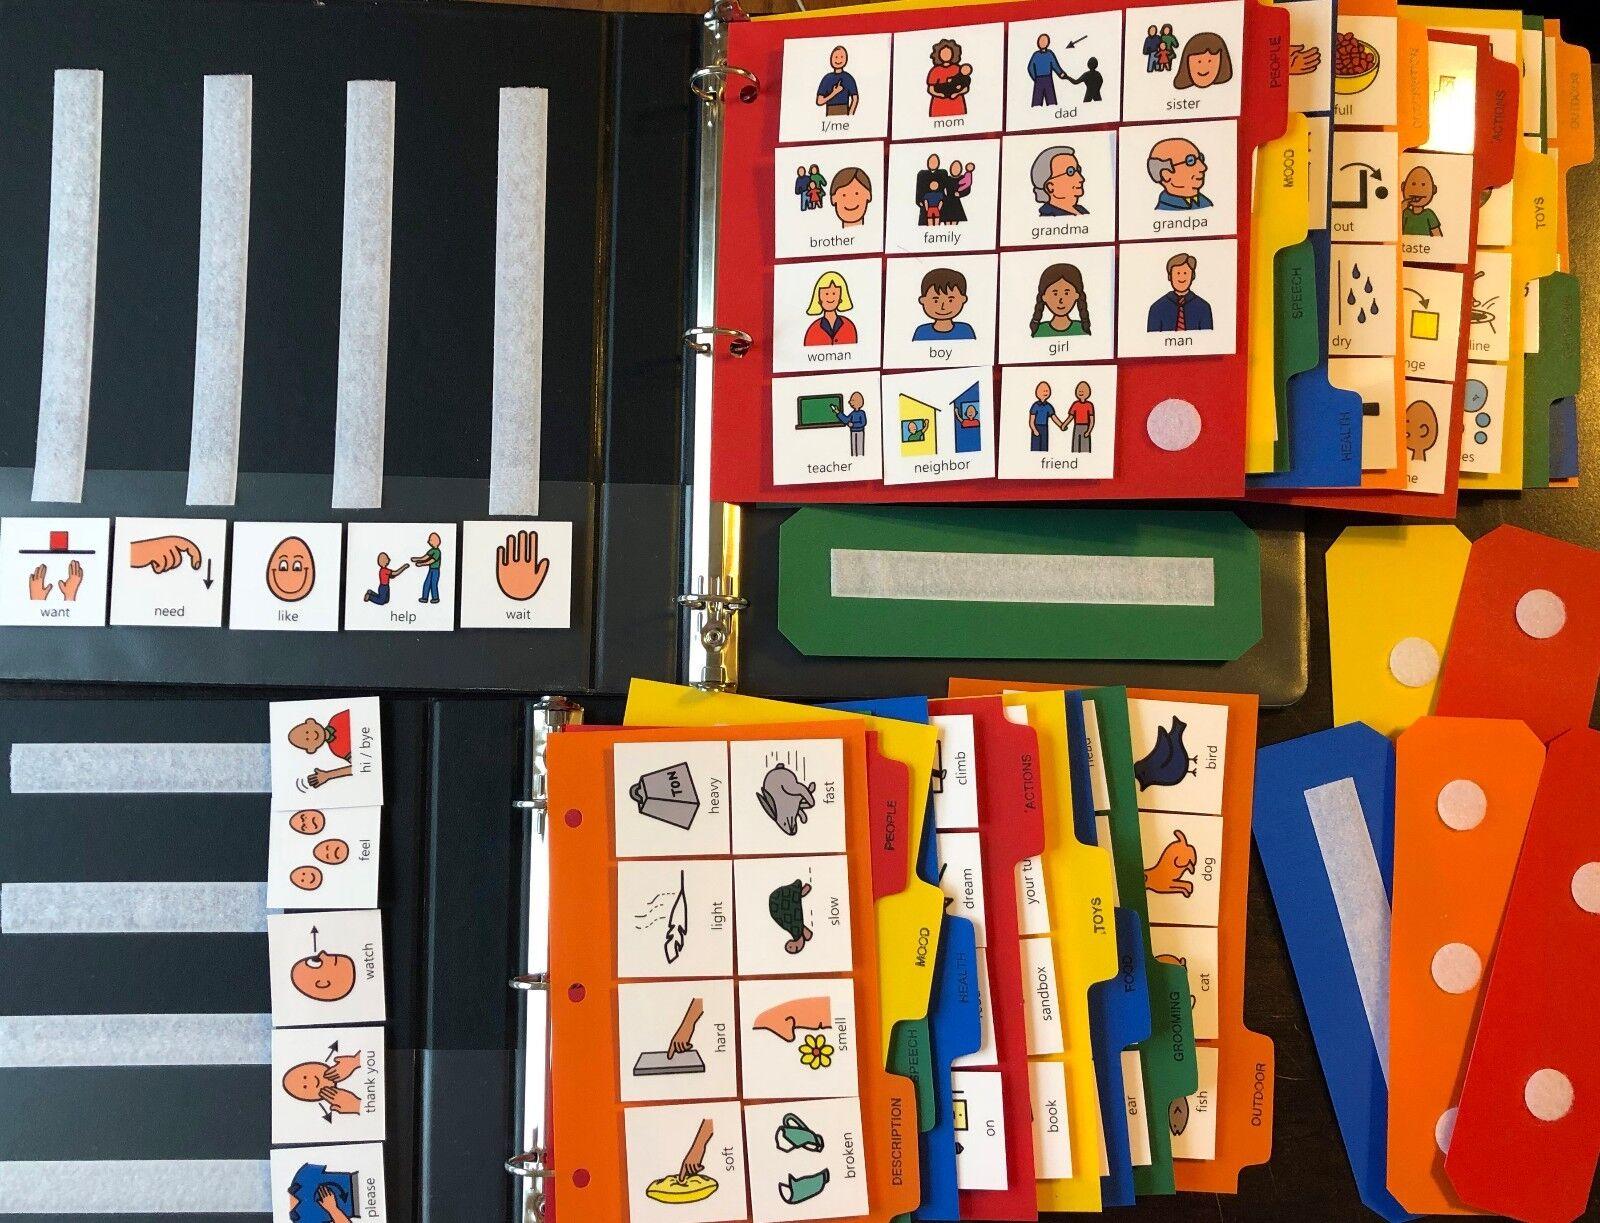 Enorme Lote de 400+ cartas y 2 pectorales Libros Terapia del Lenguaje autismo apraxia Boardmaker